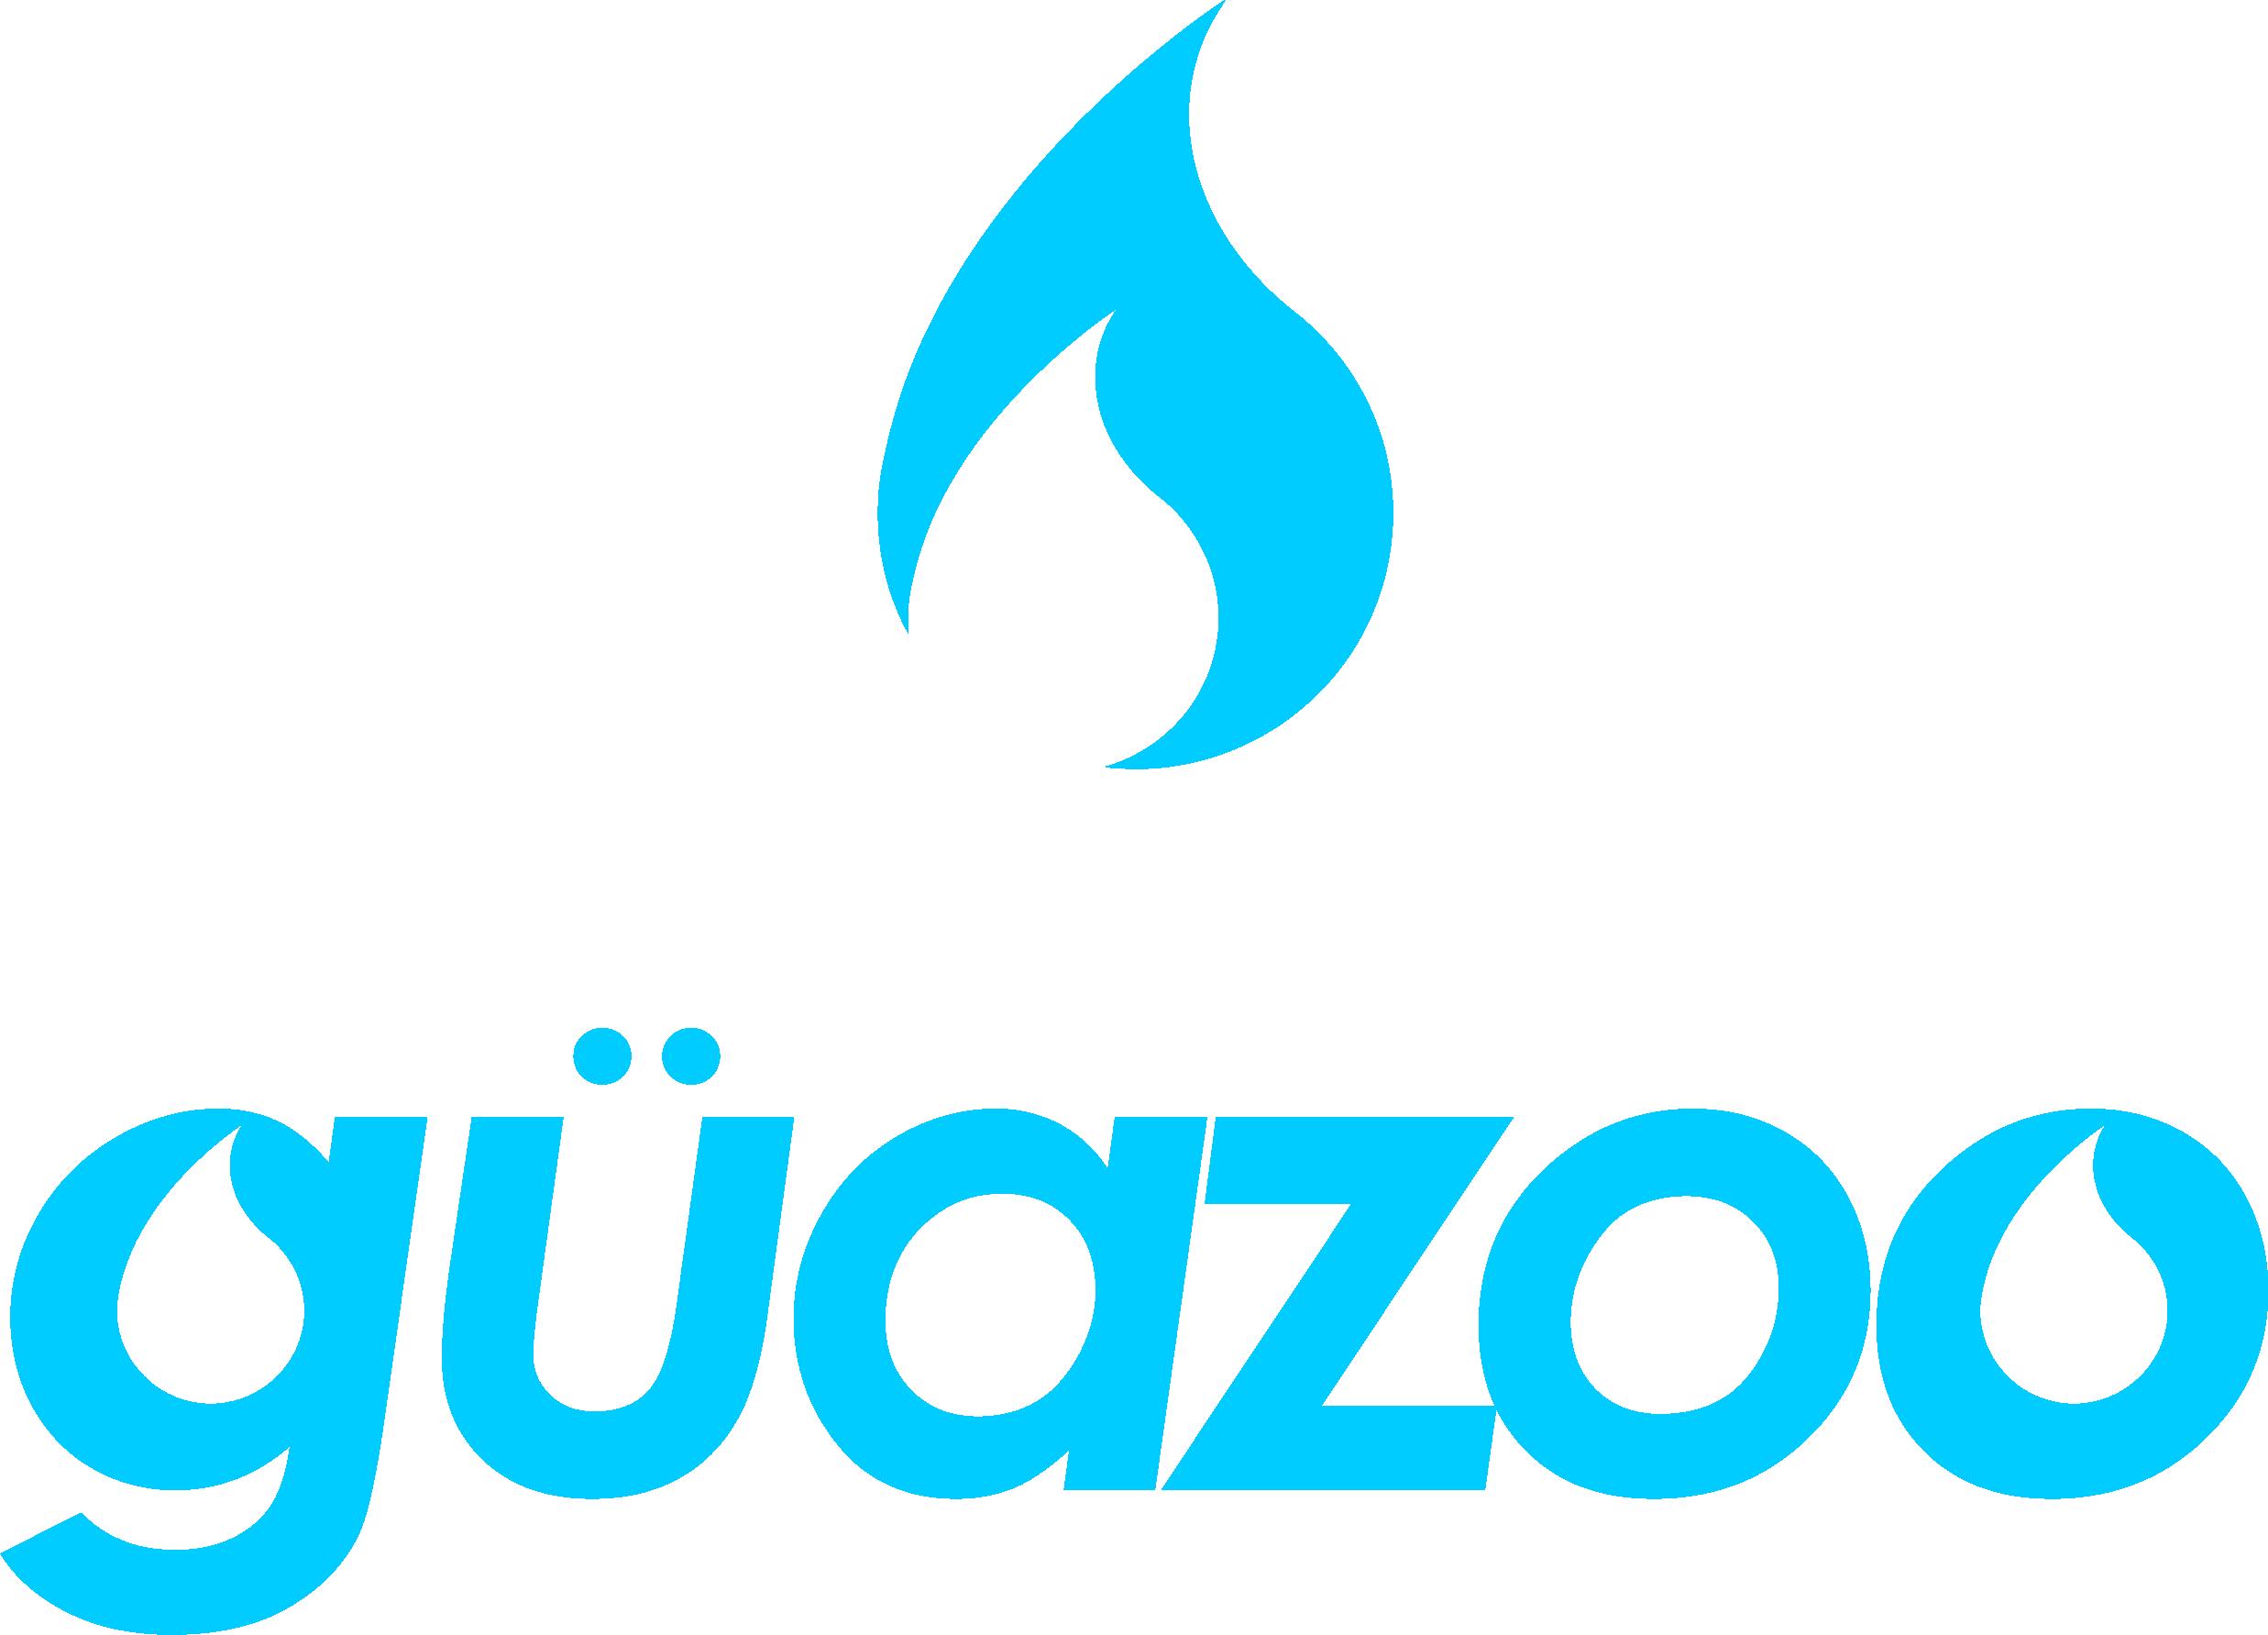 Guazoo